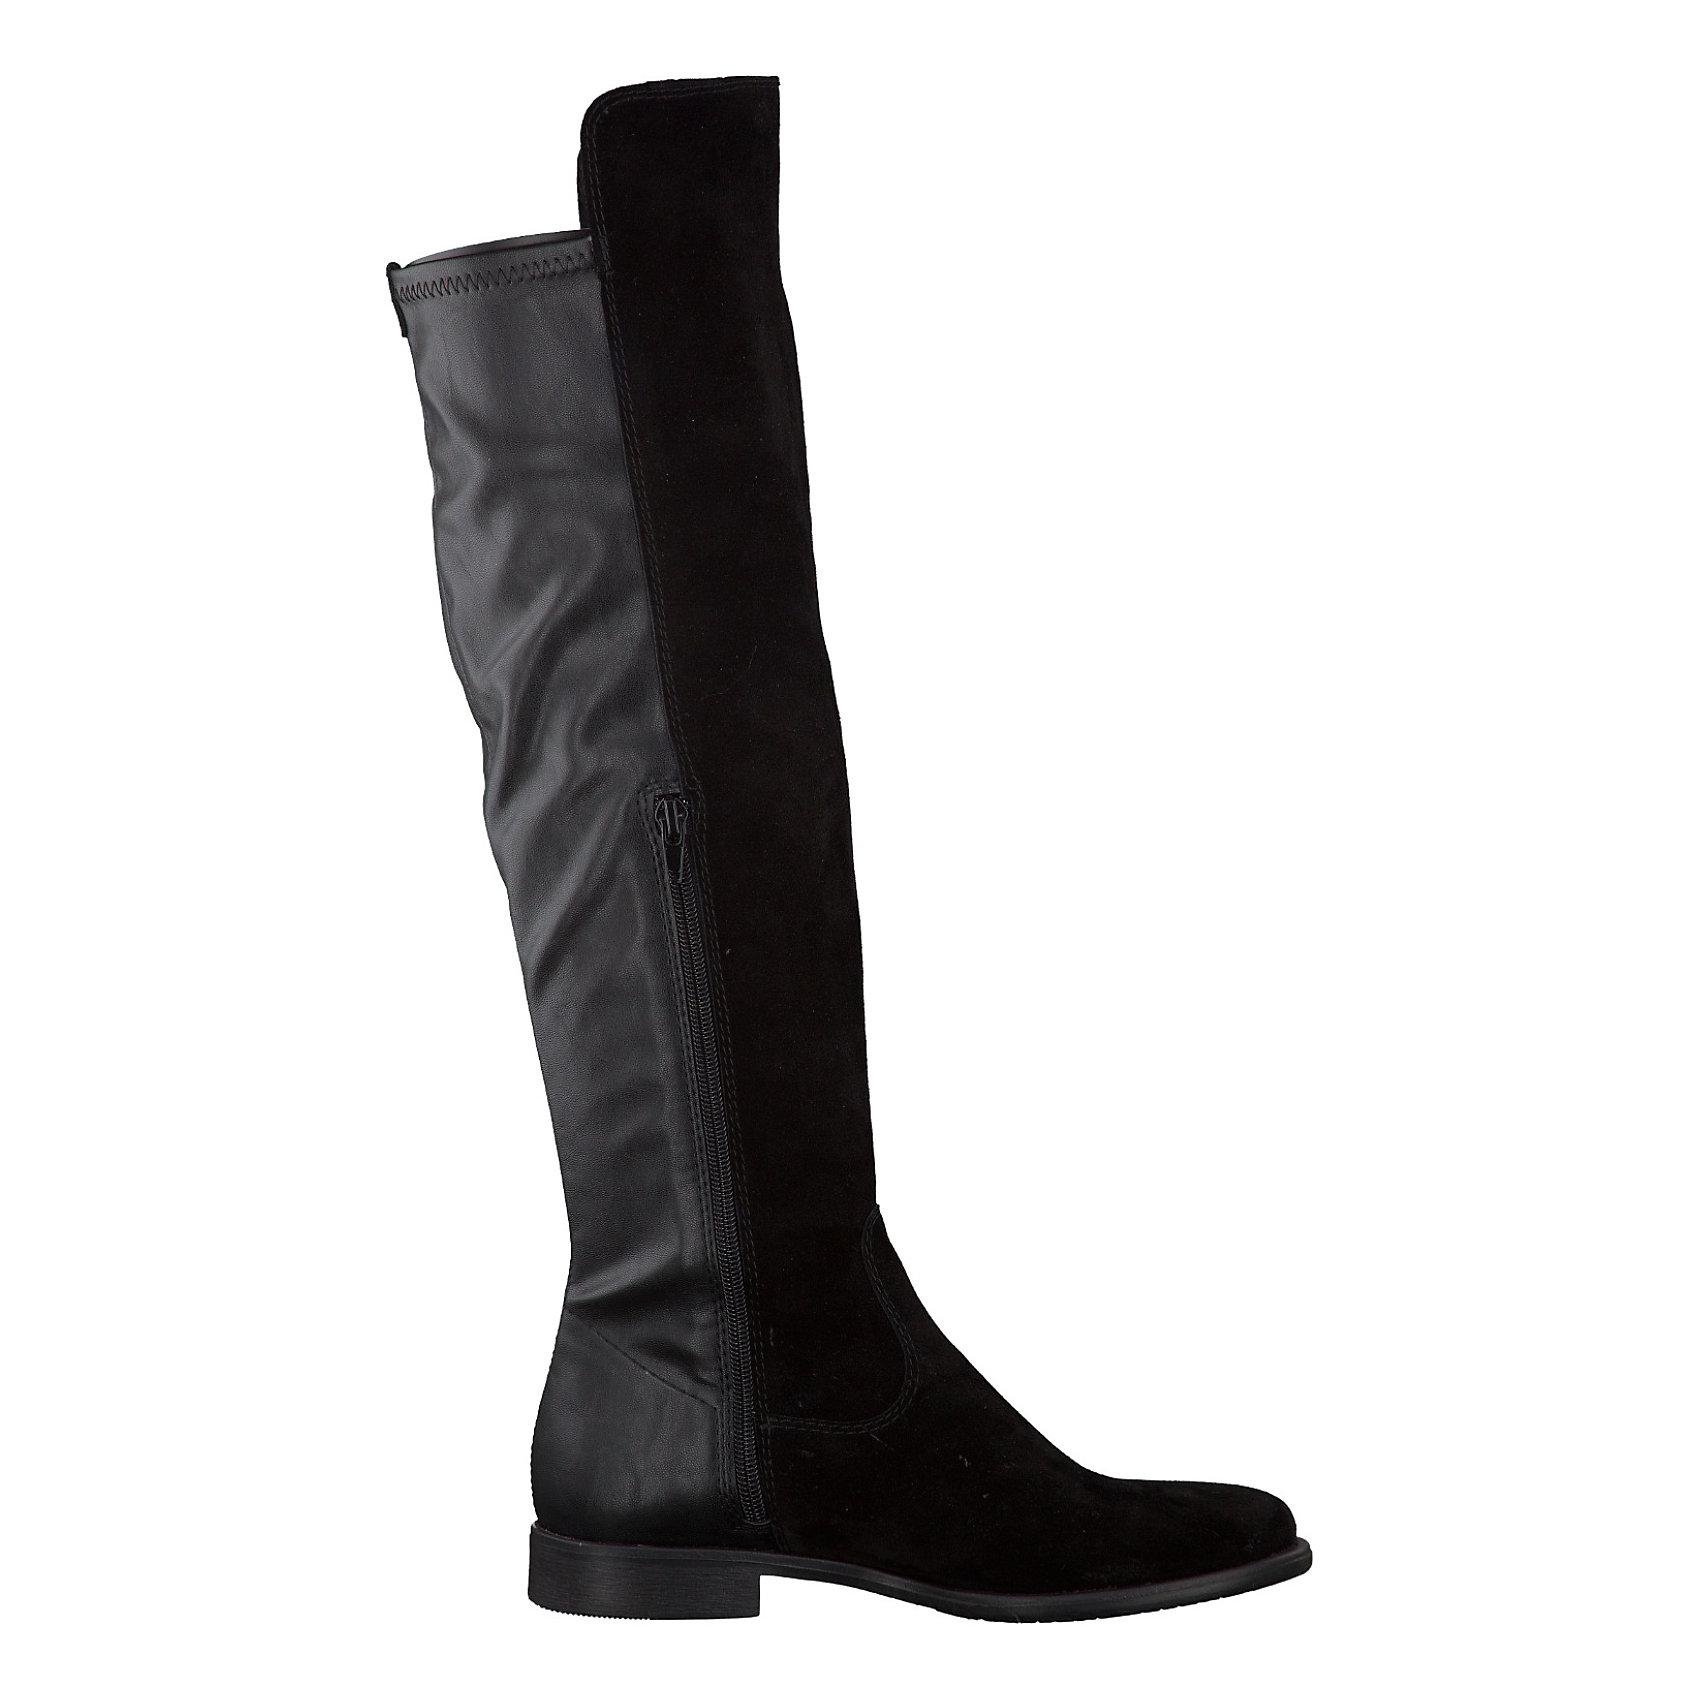 Schwarz Stiefel 8453796 Damen Neu Klassische Tamaris Für xqgwH11zY